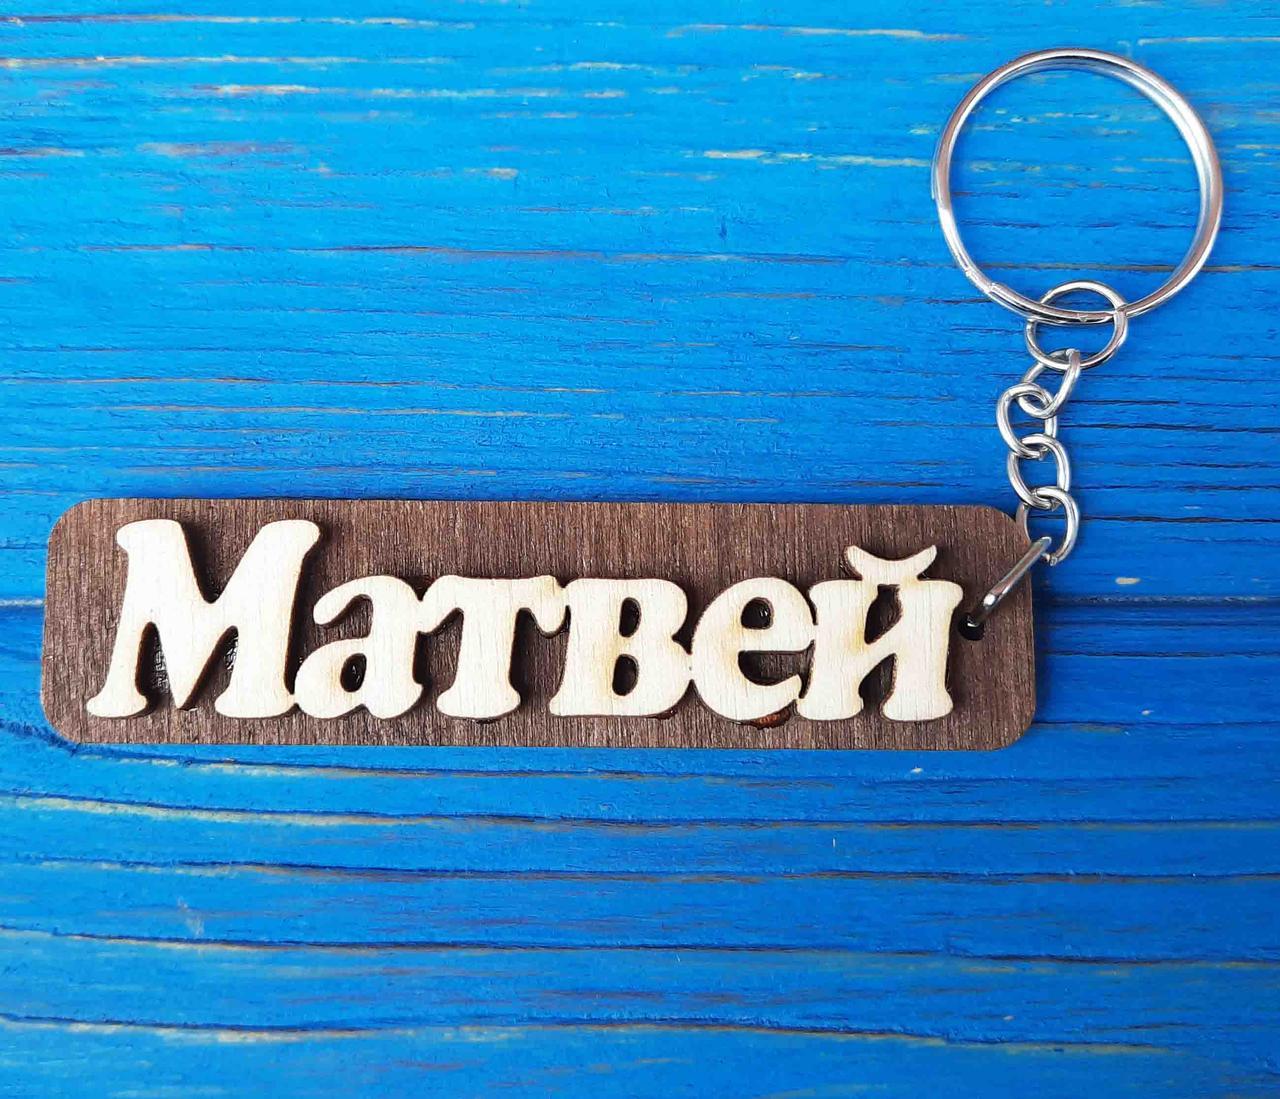 Брелок именной Матвей. Брелок с именем Матвей. Брелок деревянный. Брелок для ключей. Брелоки с именами